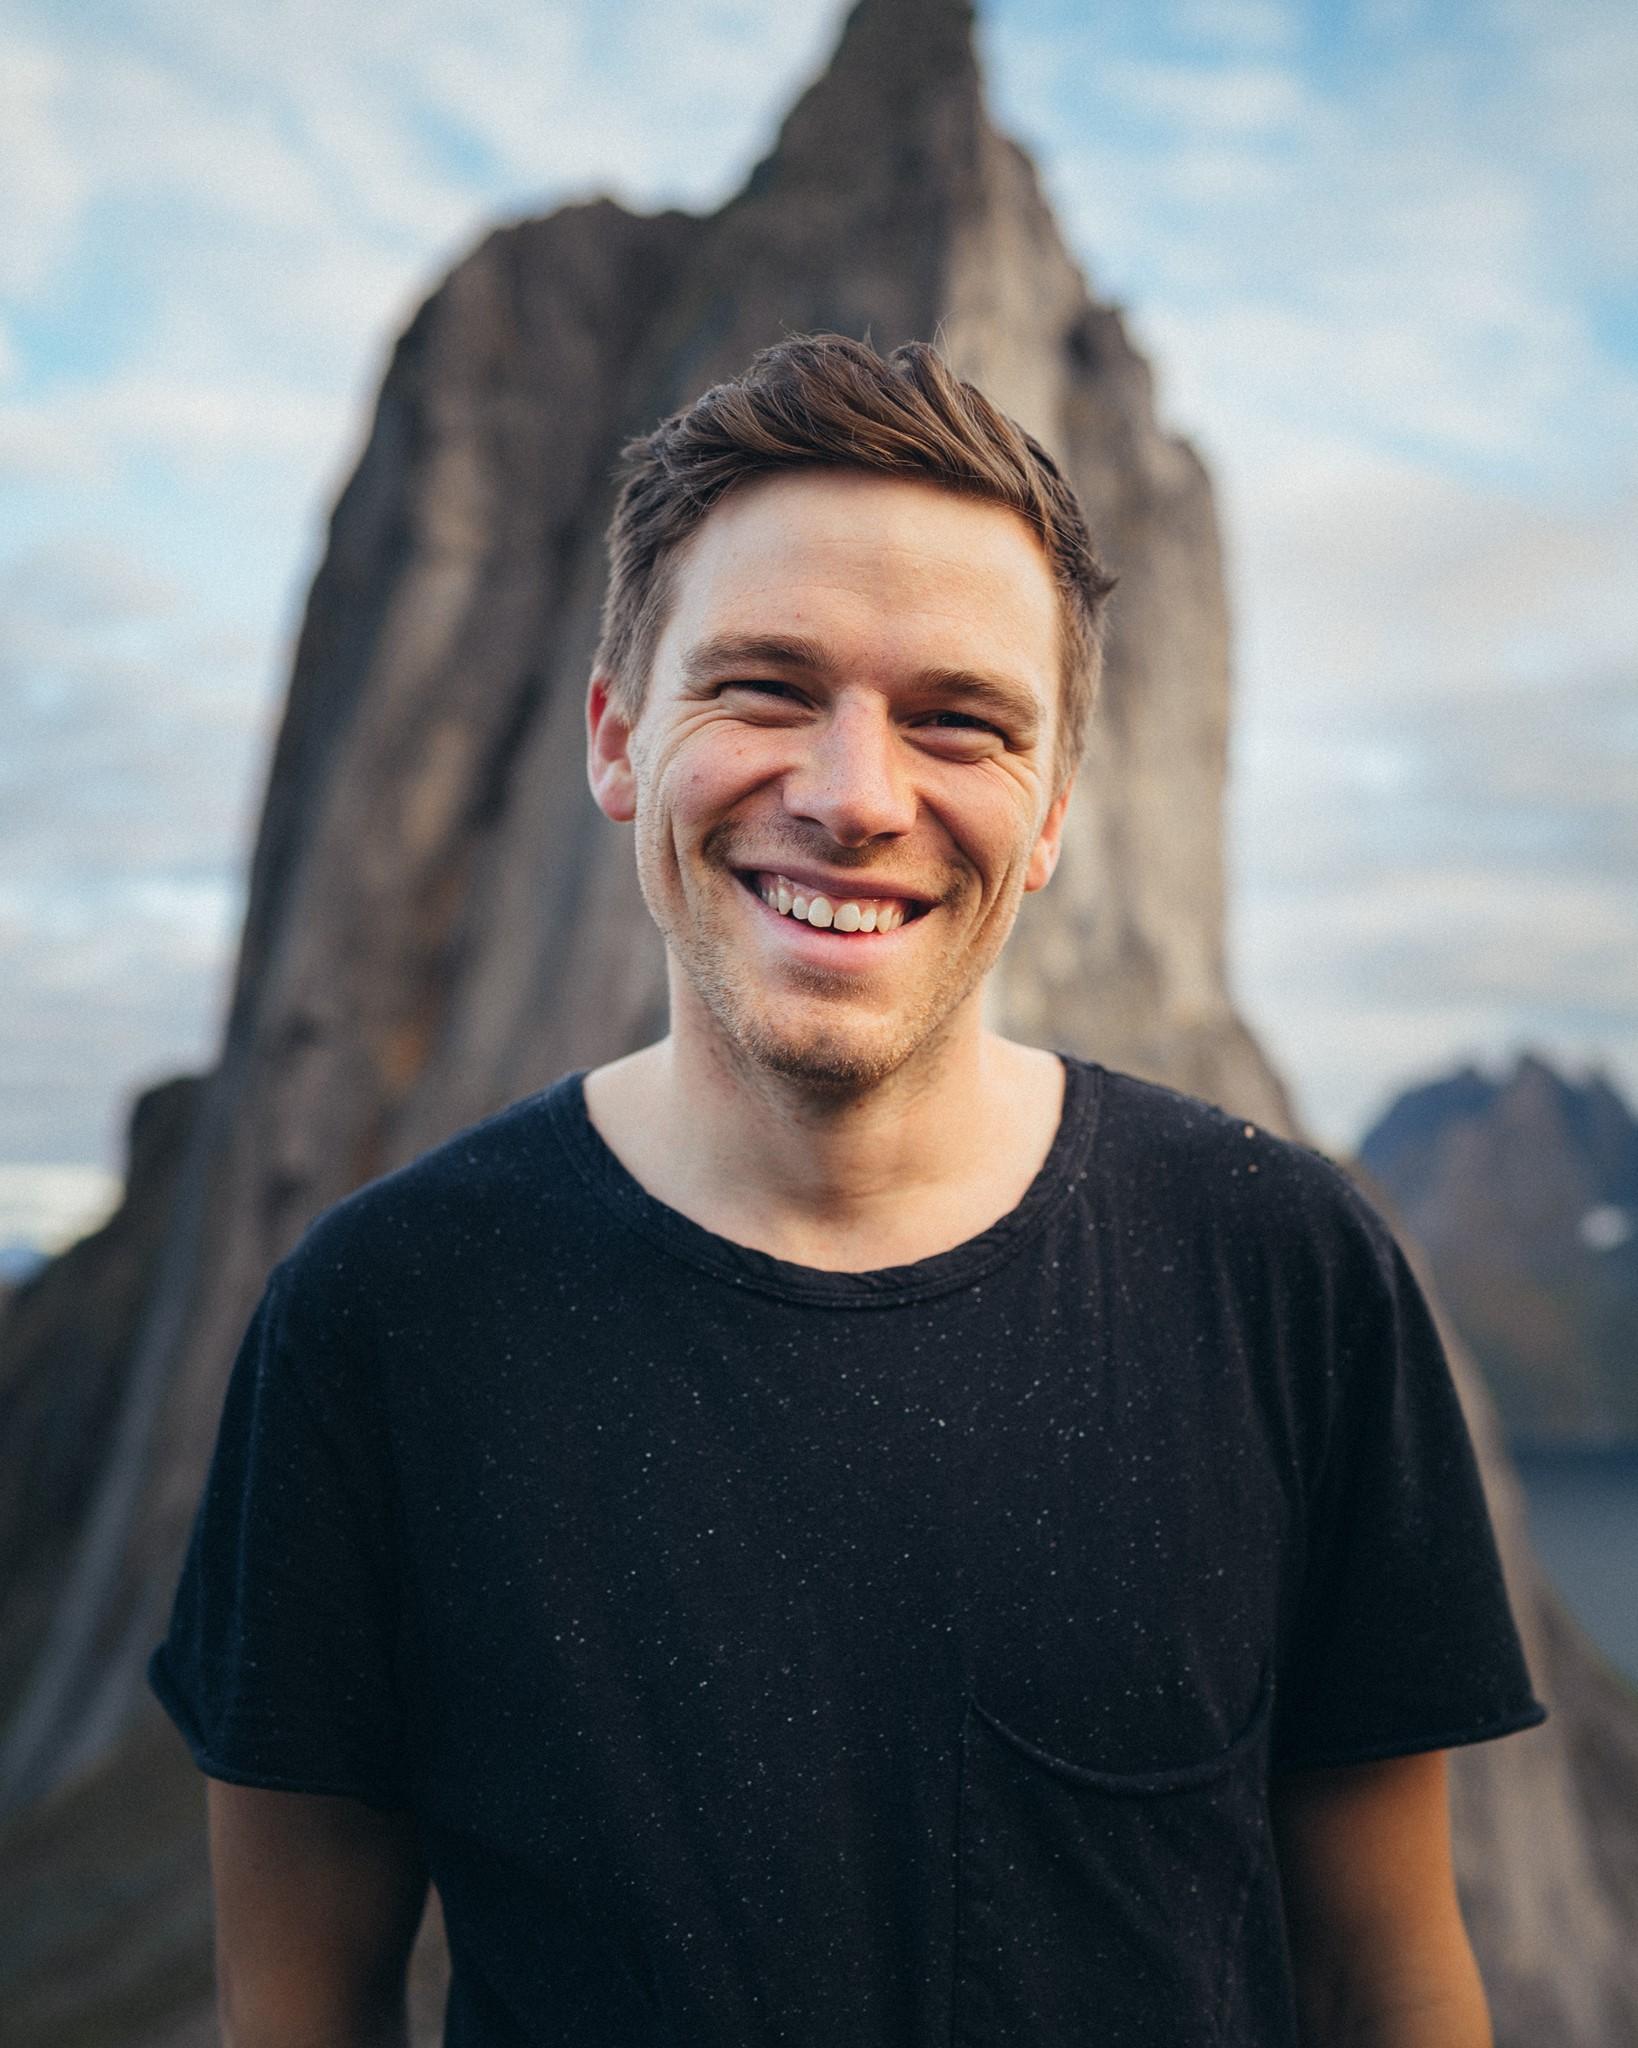 Joel Schat